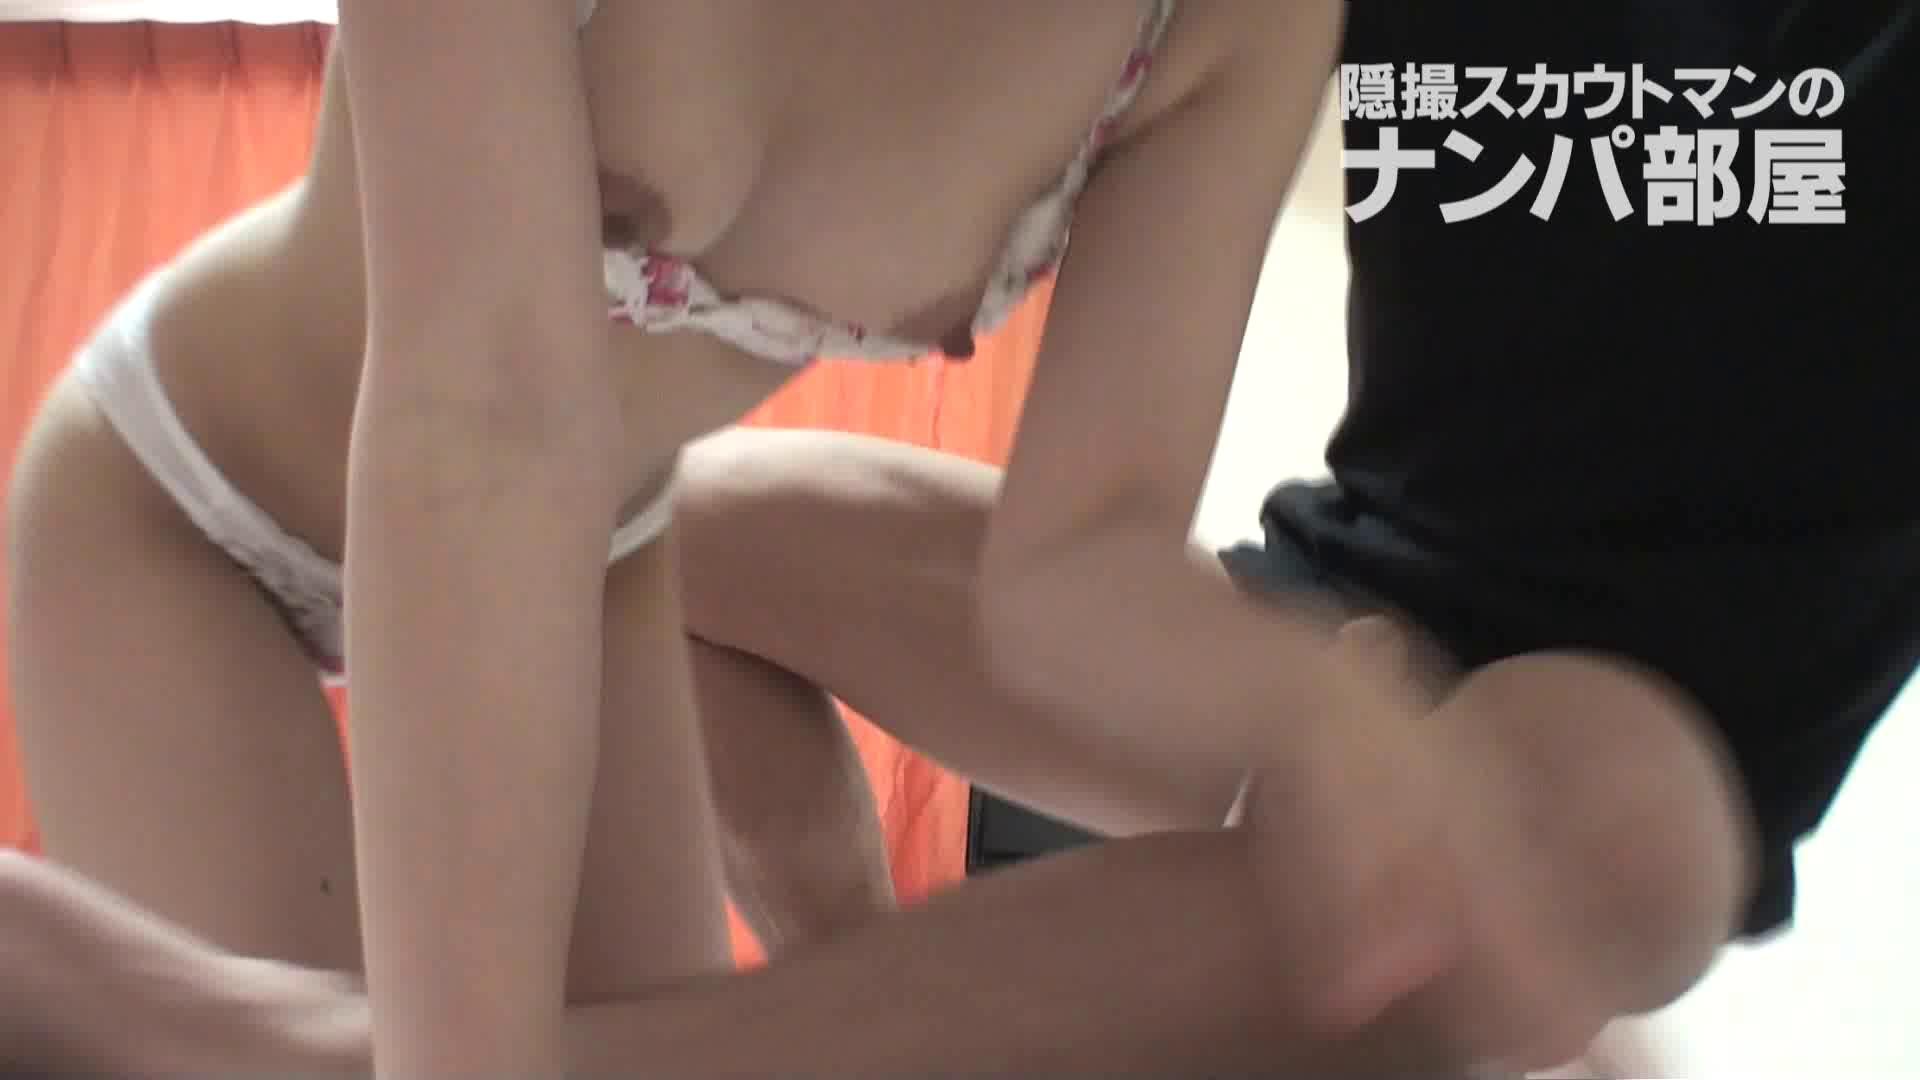 隠撮スカウトマンのナンパ部屋~風俗デビュー前のつまみ食い~ siivol.2 OL裸体 | ナンパ  58画像 53